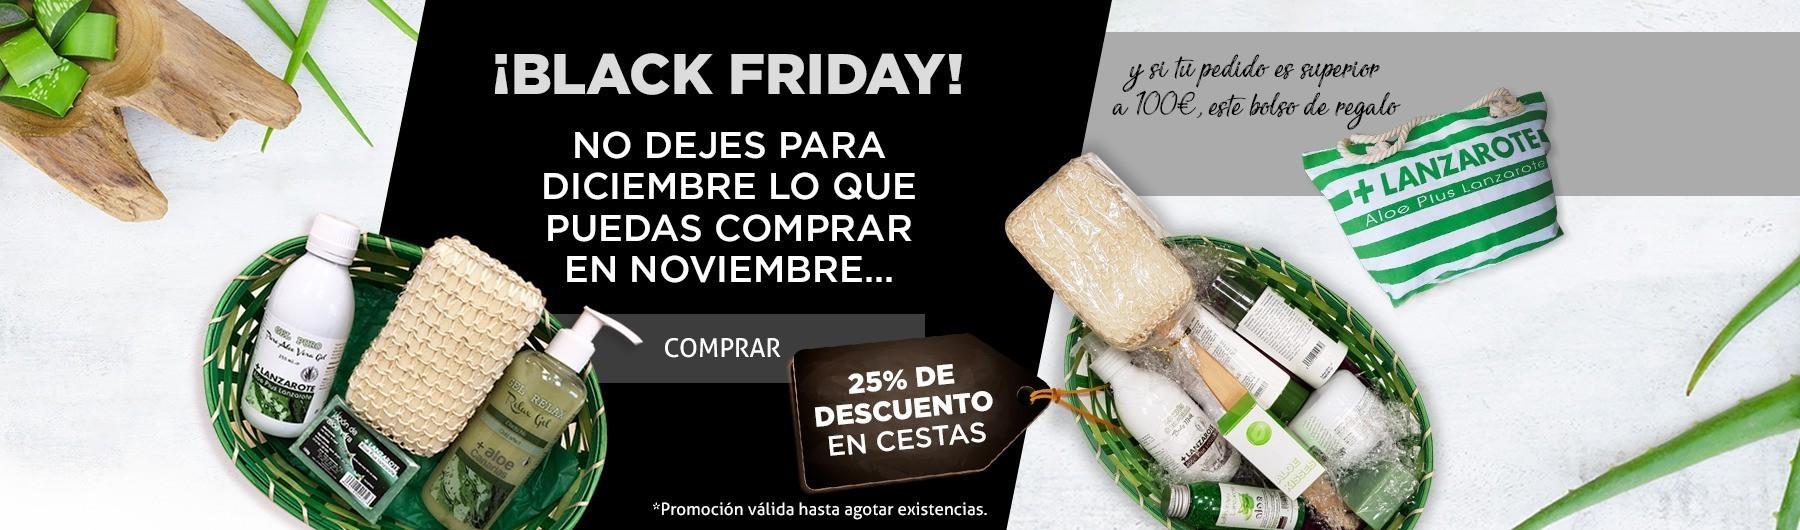 ¡El Black Friday está aquí! 25% en cestas + bolso regalo.